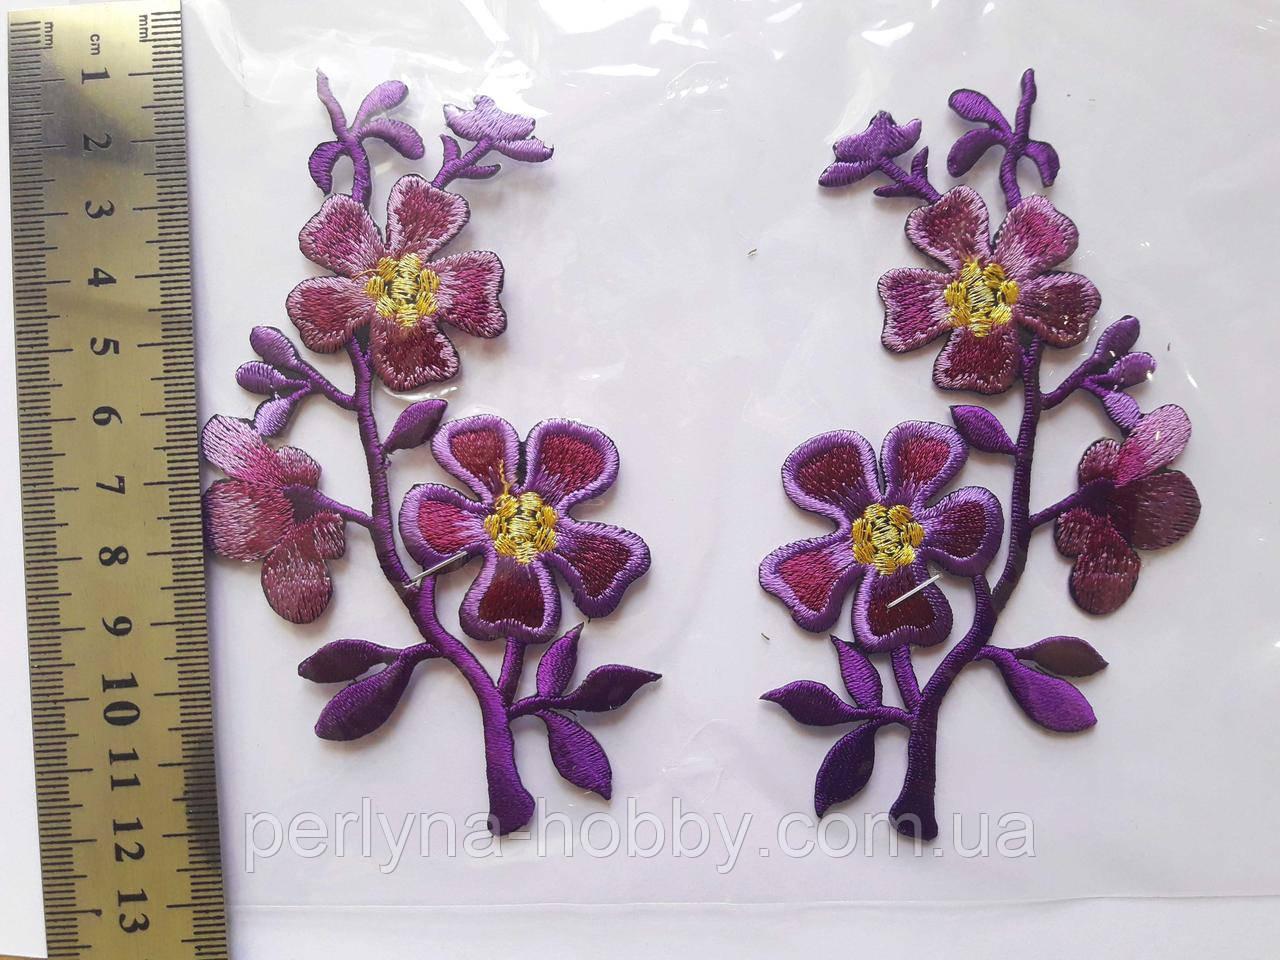 """Аплікація вишивка клейові парні """"Квіти!, 11-12 см, фіолетова з золотом, 1 пара"""